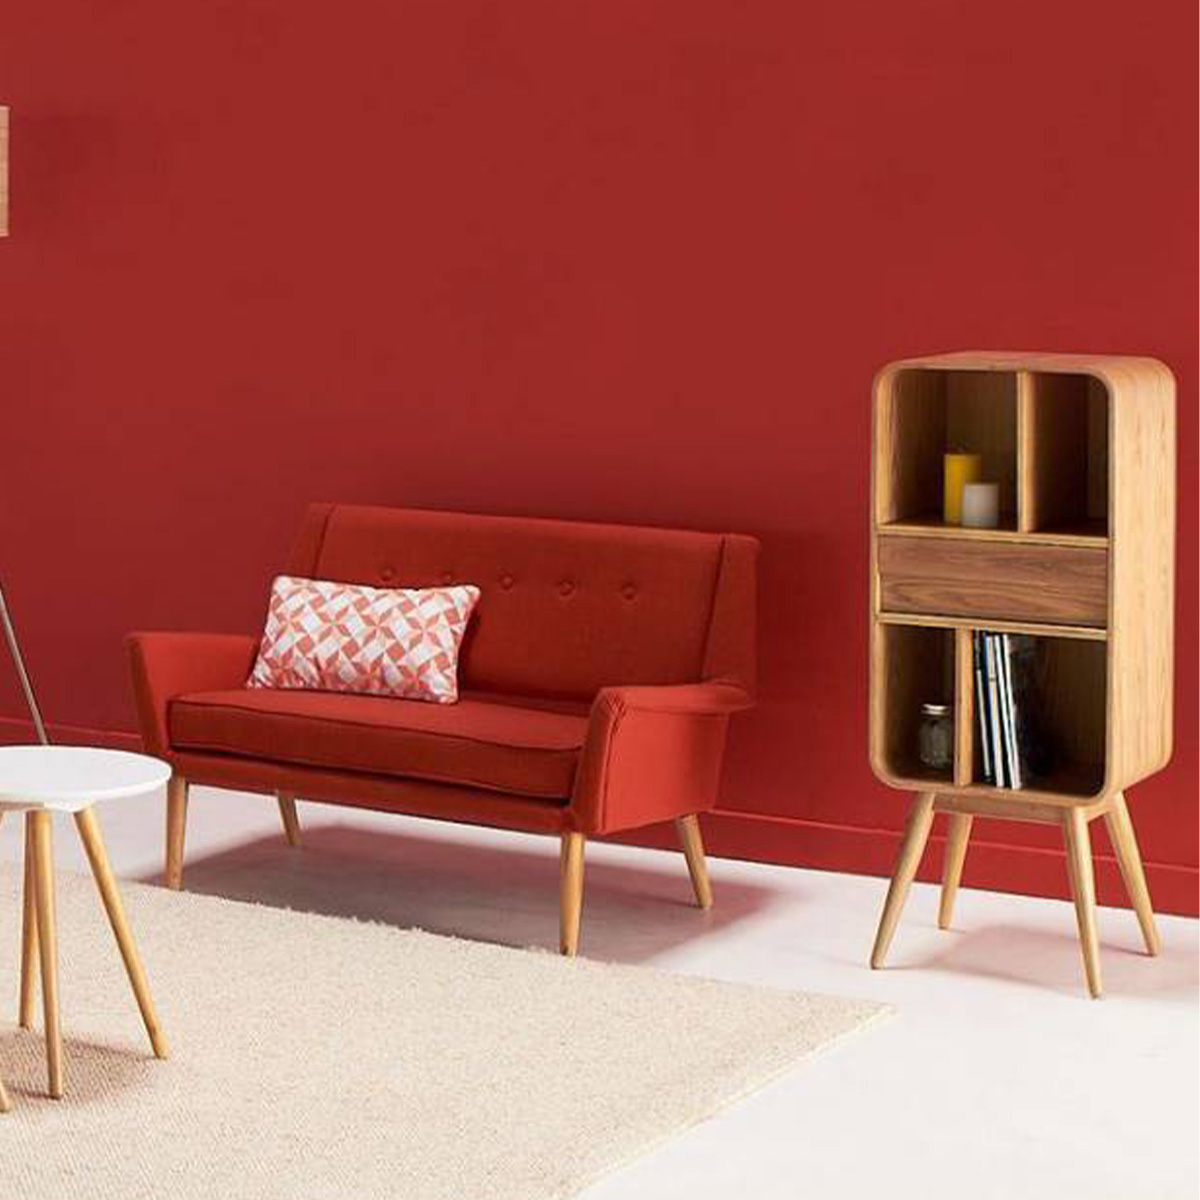 L'avantage du meuble